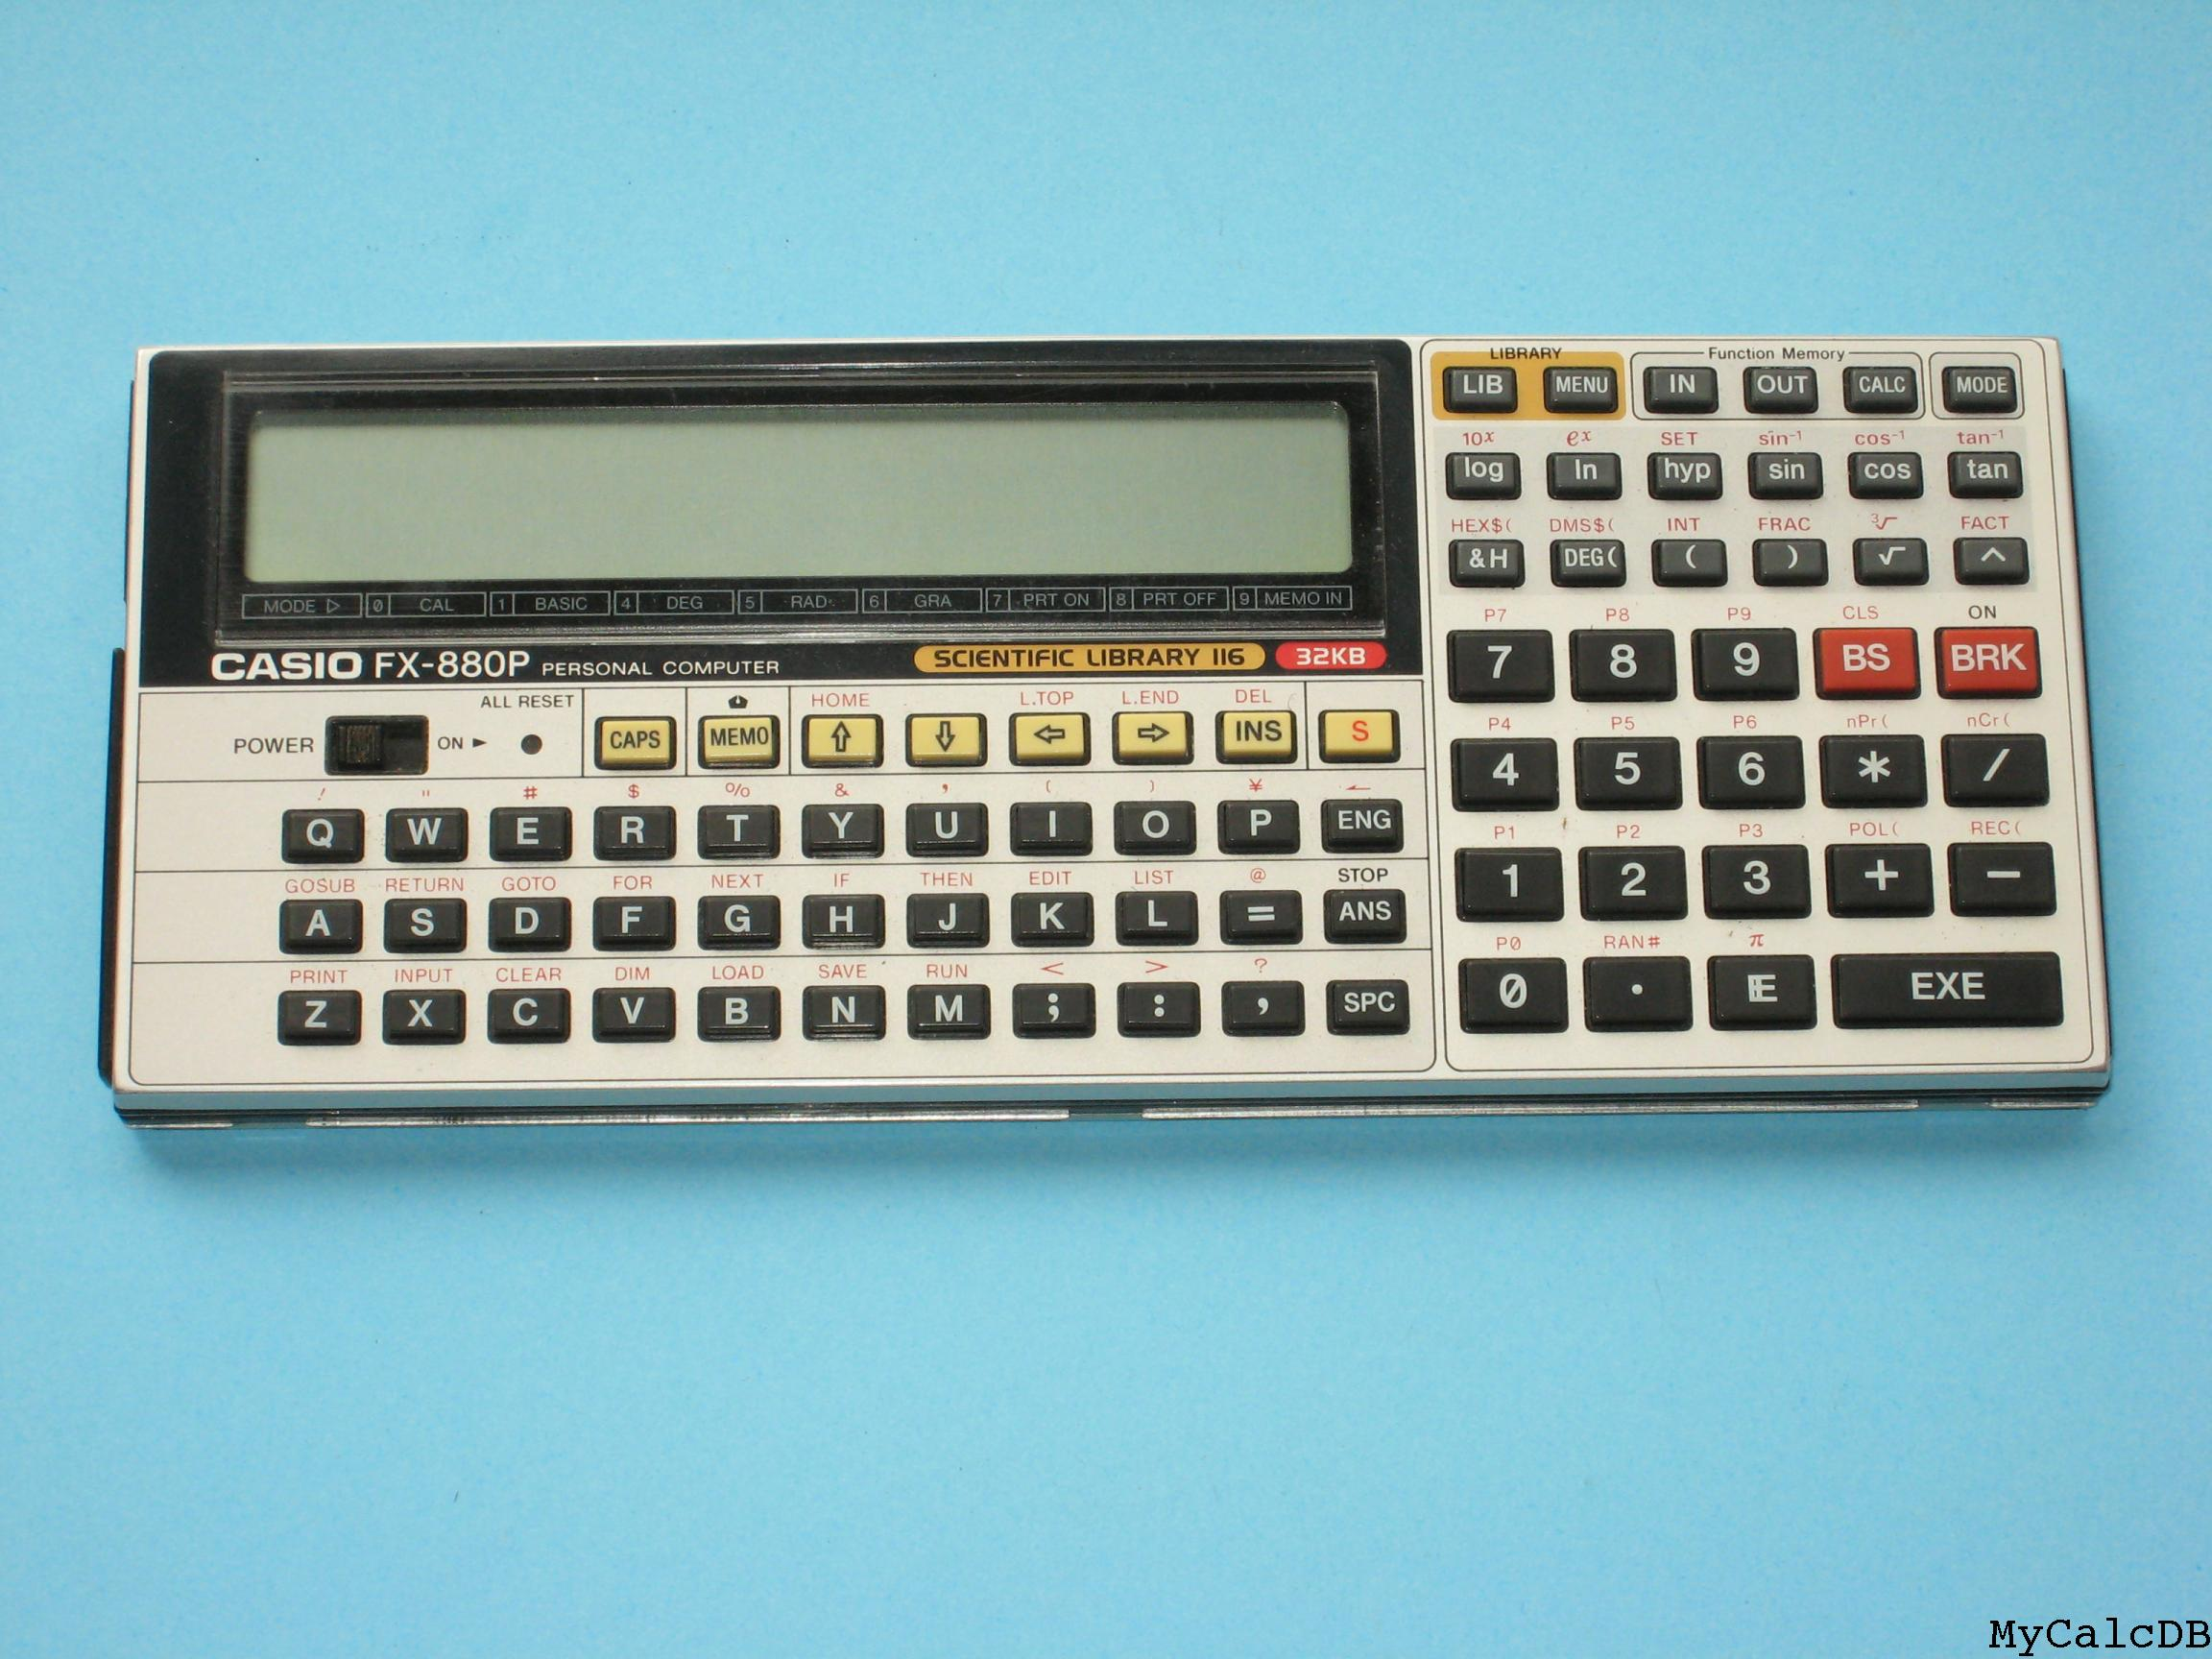 Casio FX-880P aka Scientific Library 116